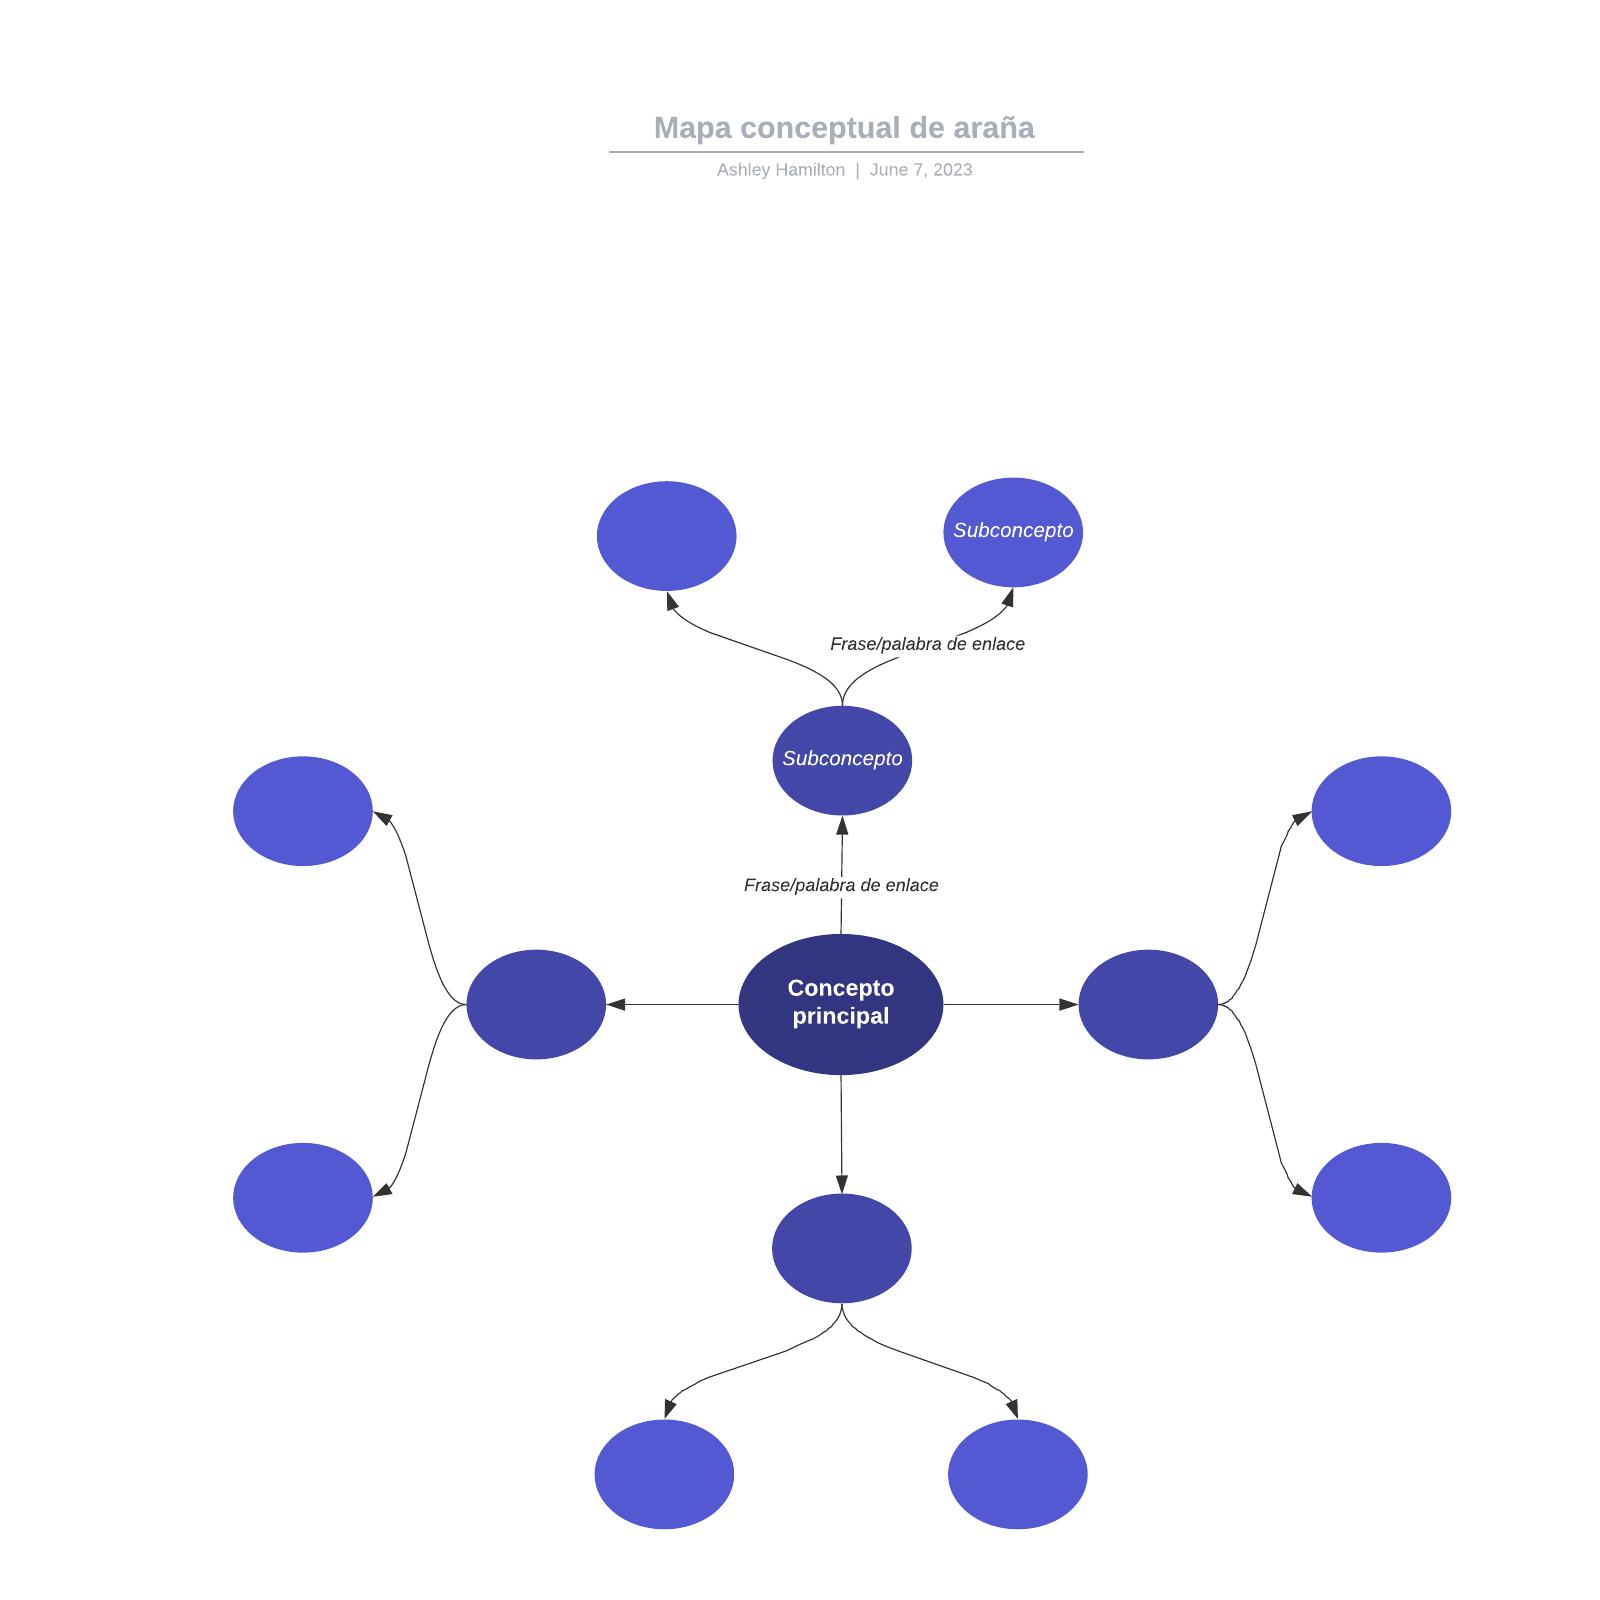 Mapa conceptual de araña